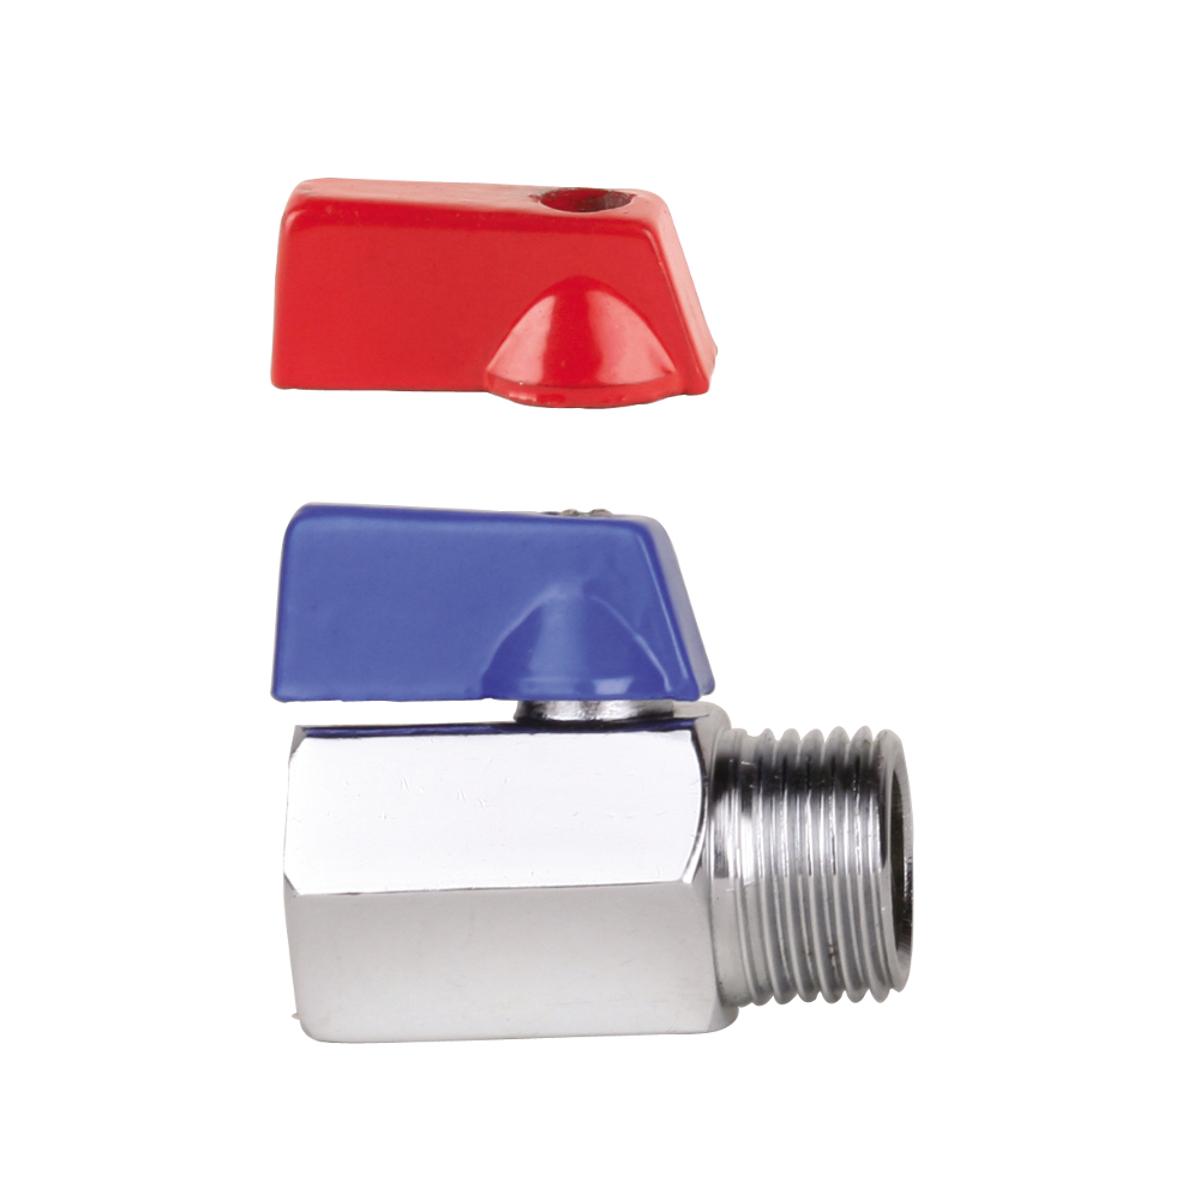 Кран-мини 1/2, резьба внутренняя / наружная, ручка флажок AQUALINK13296Кран-мини 1/2, резьба внутренняя / наружная, ручка флажок предназначен для систем питьевого холодного и горячего водоснабжения, отопления, систем сжатого воздуха, жидких углеводородов, а также для технологических трубопроводов, транспортирующих жидкости, не агрессивные к материалам крана. Рекомендуется поворачивать ручку крана не меньше одного раза в 3 месяца для предотвращения образования солей кальция. Использование шаровых кранов в качестве регулирующей арматуры не допускается. Минимальные размеры позволяют инсталлировать краны в условиях ограниченного пространства.Диаметр: 1/2 (15 мм).